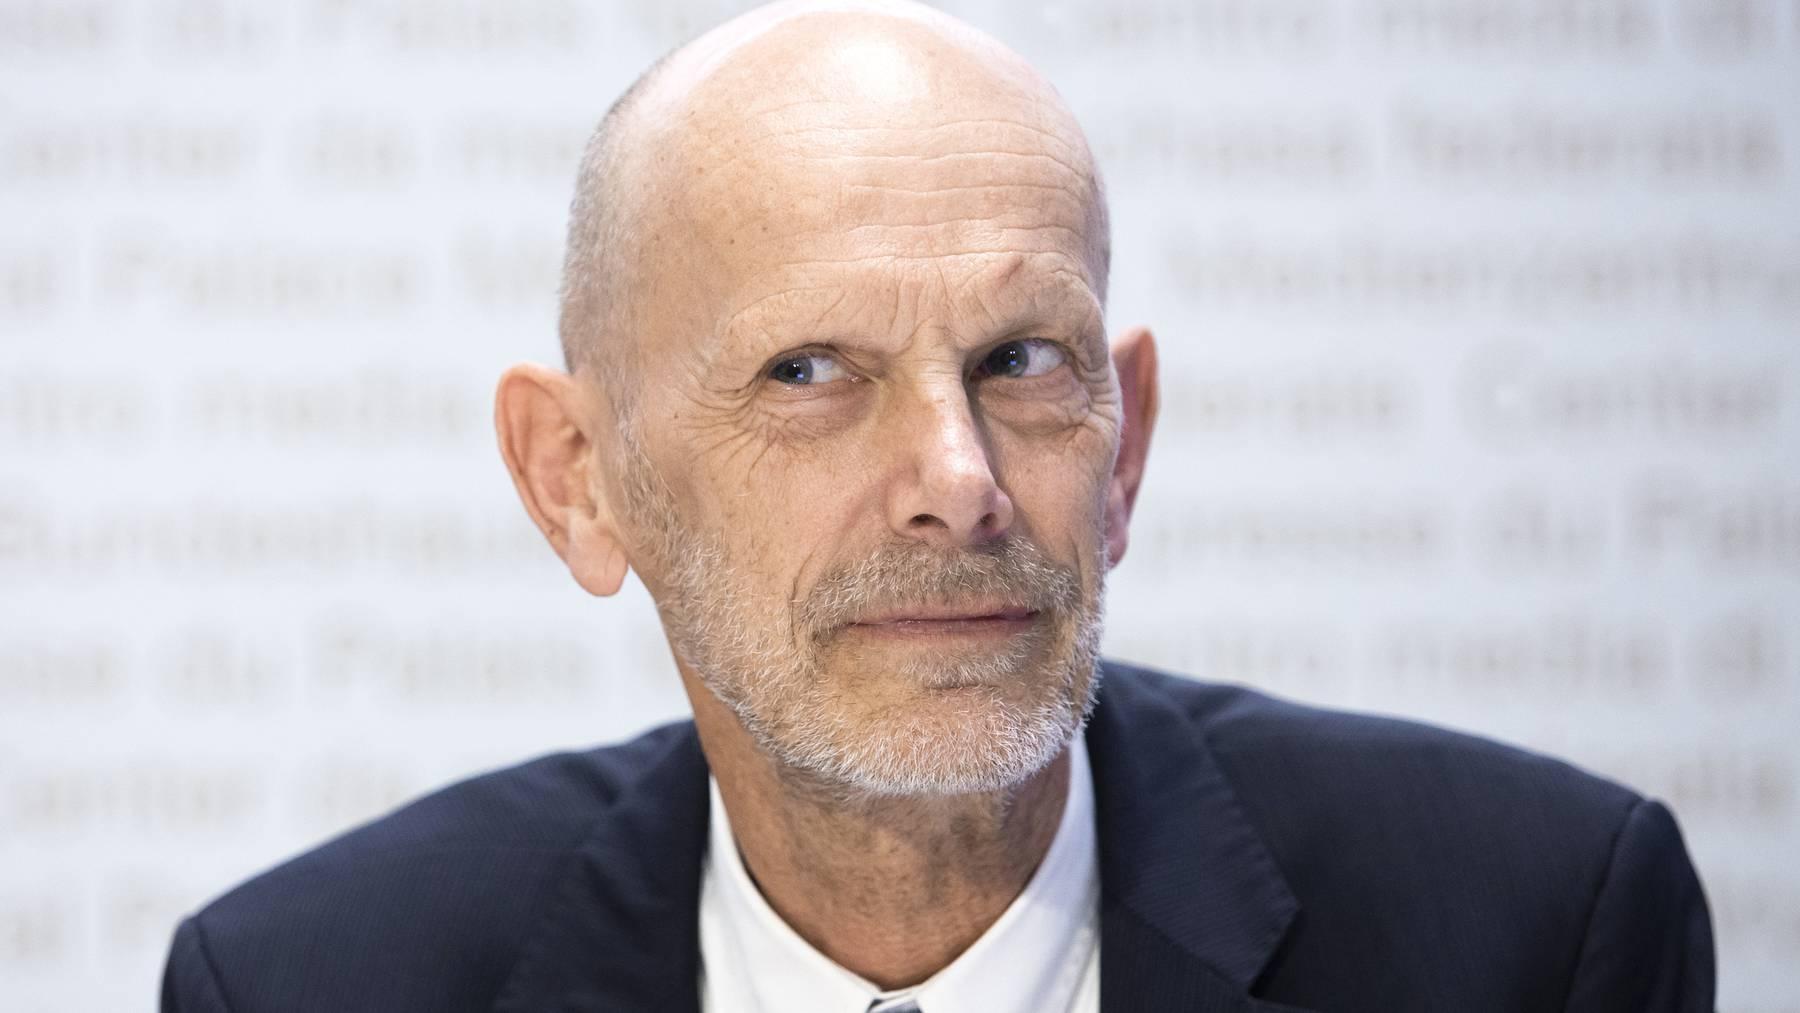 Daniel Koch erlangte durch seine Auftritte an Corona-Medienkonferenzen des Bundes Berühmtheit. Heute äussert sich der Ex-BAG-Mann privat.